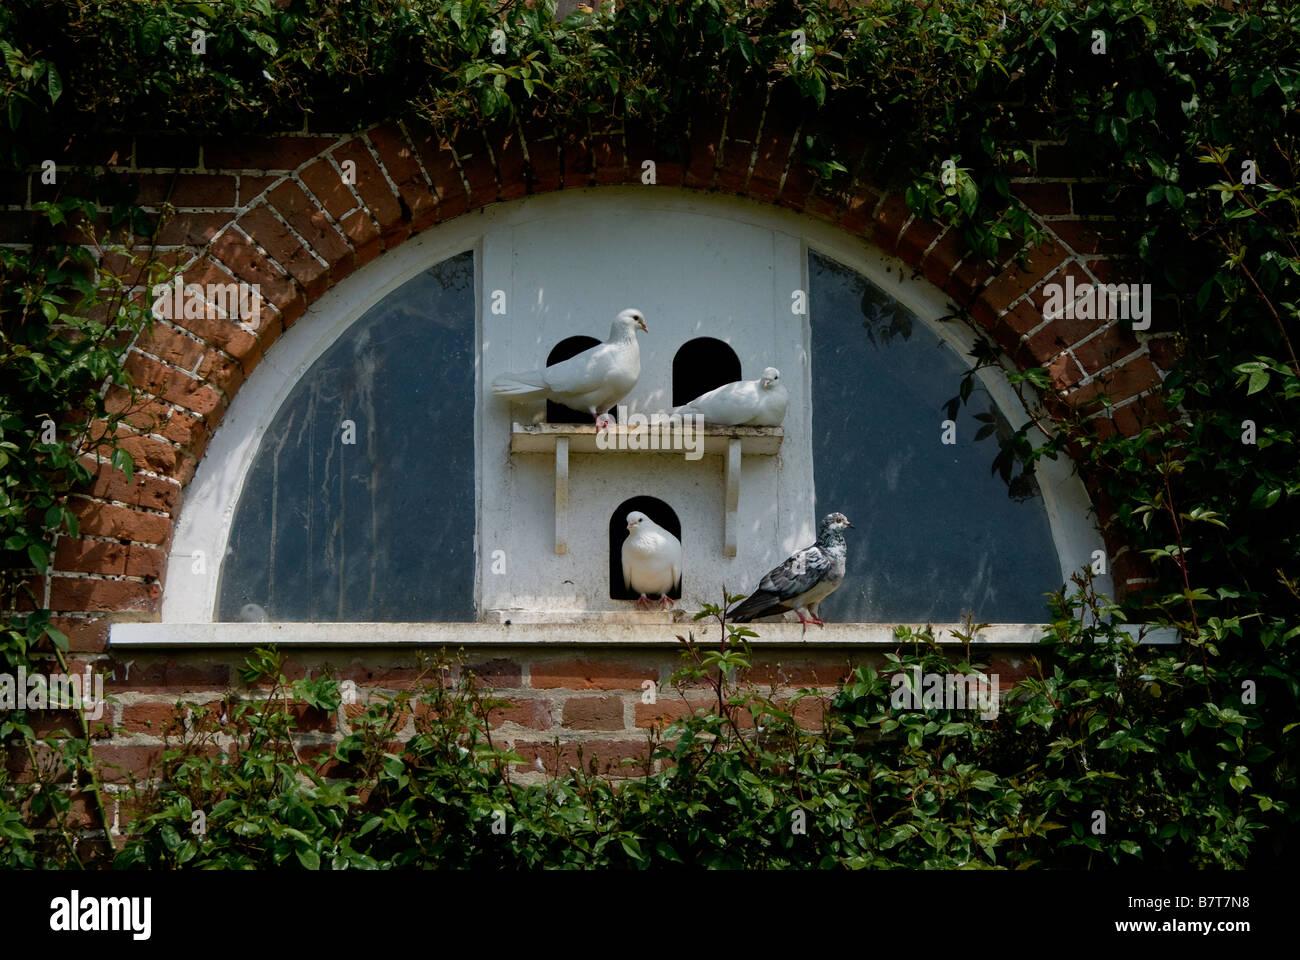 Racing Pigeon Loft Stock Photos & Racing Pigeon Loft Stock